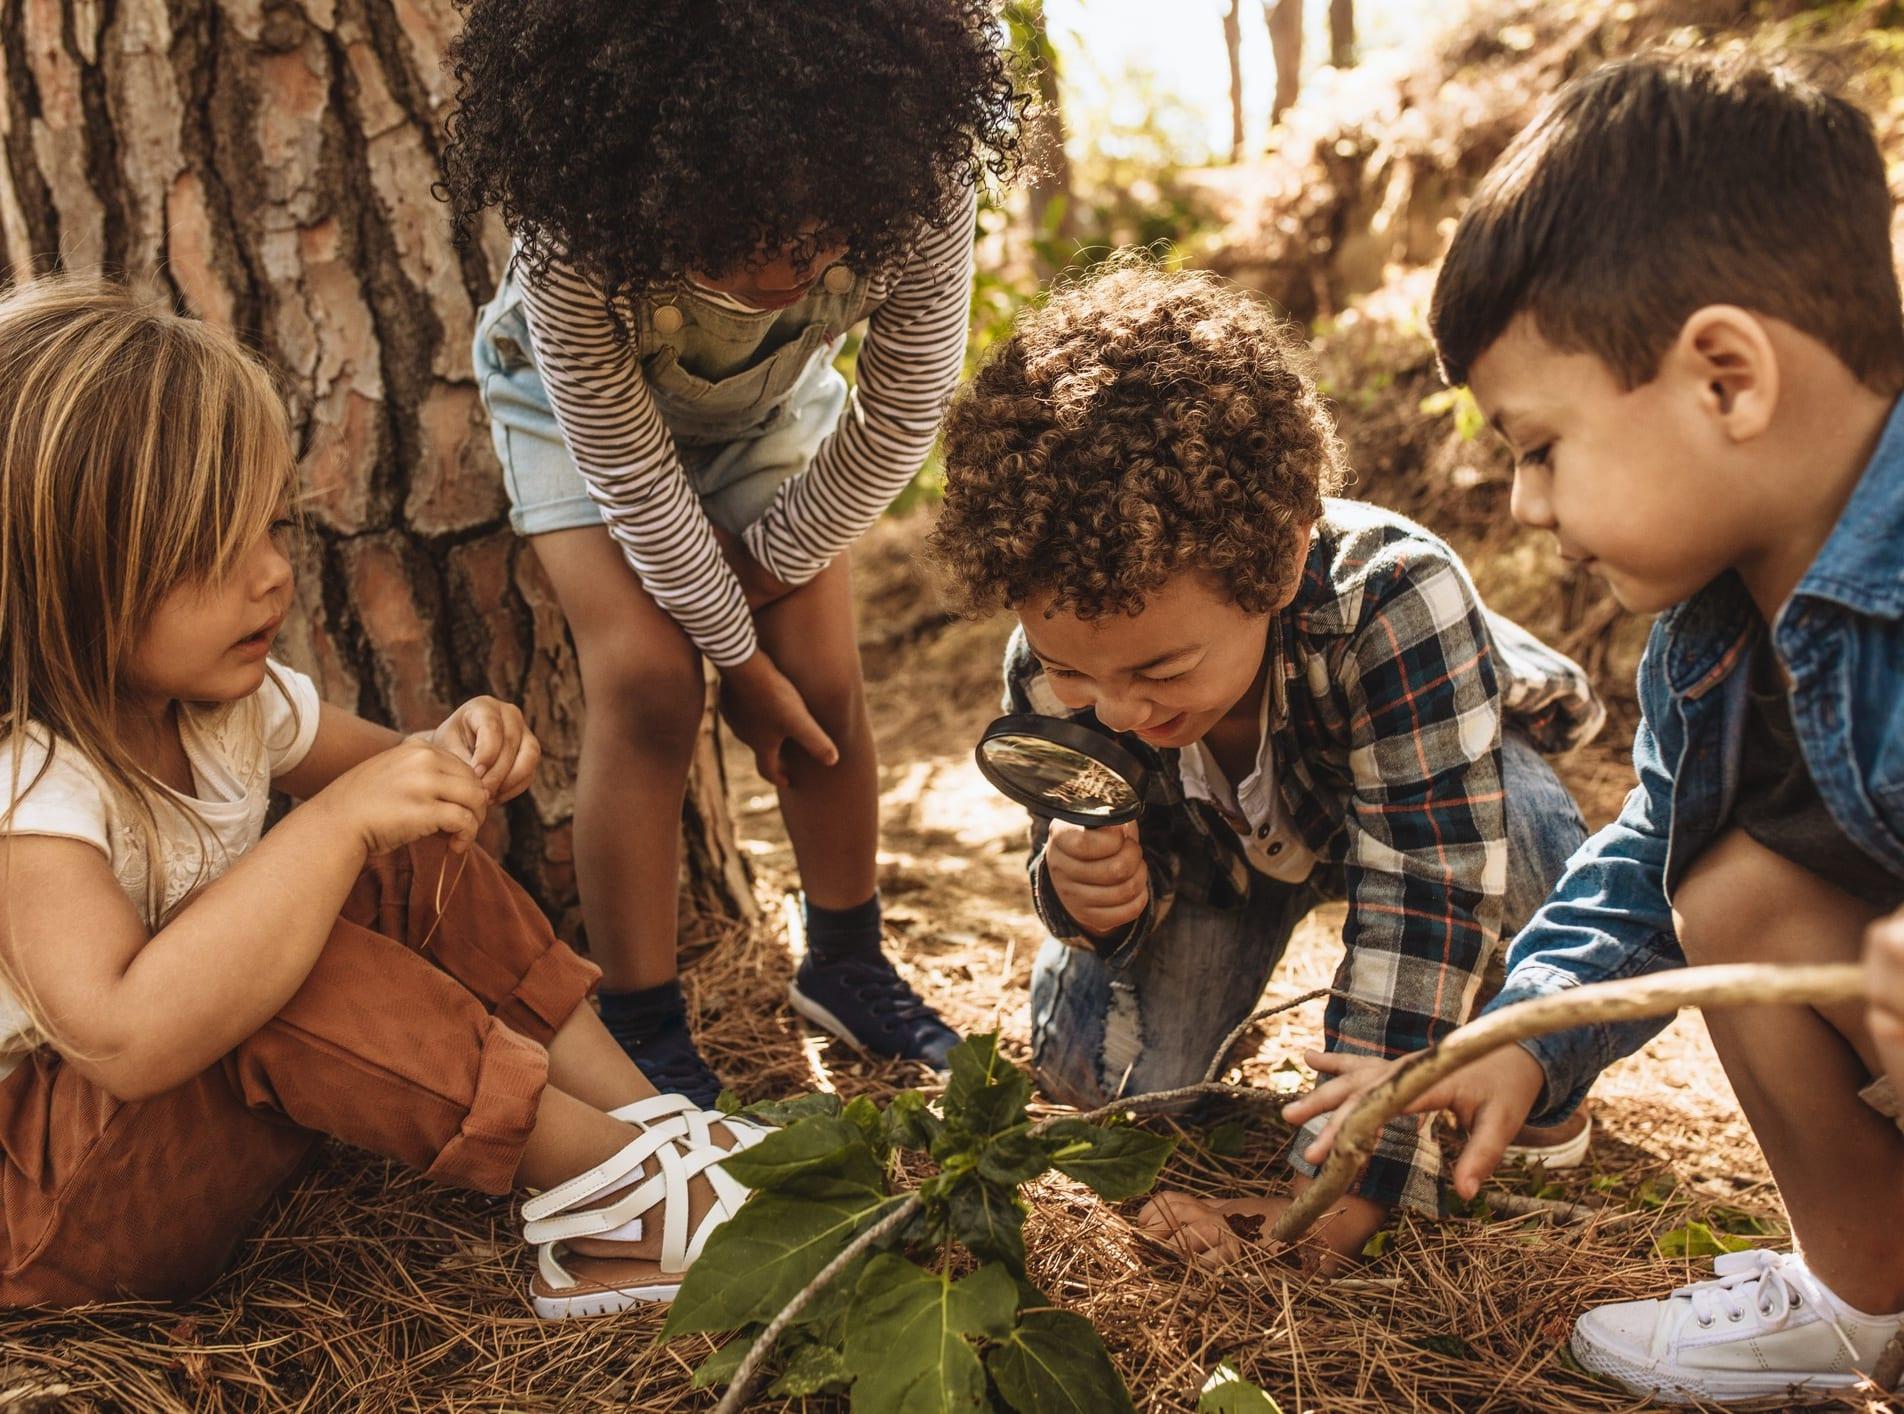 Nordre Skøyen barnehage ligger i naturskjønne omgivelser